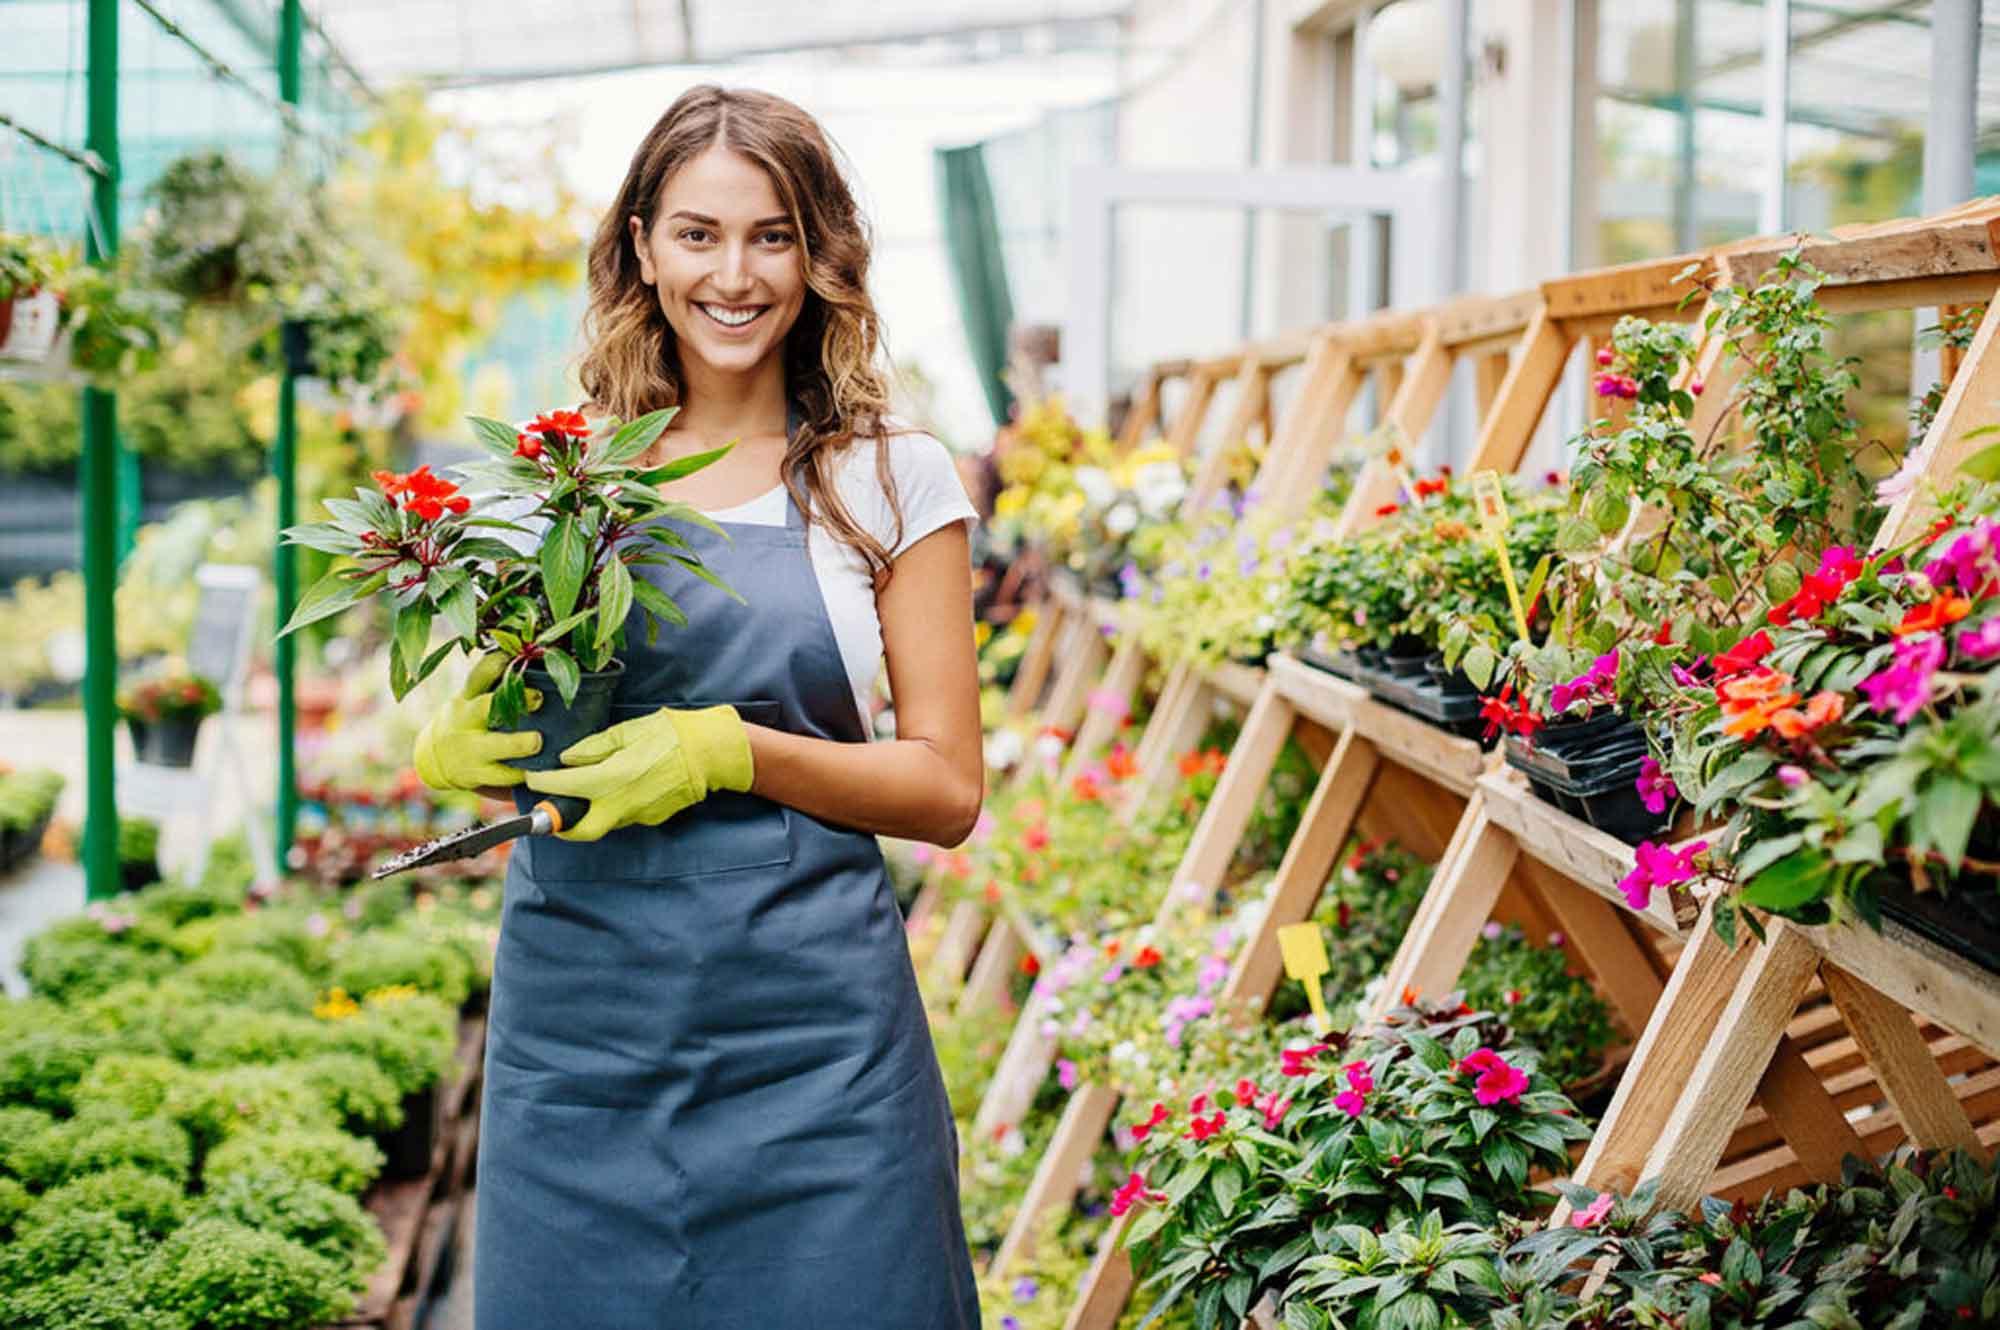 Toussaint-fleuriste-bouquet de fleurs-compositions florales-decoration florale-creation florale-livraison de fleurs